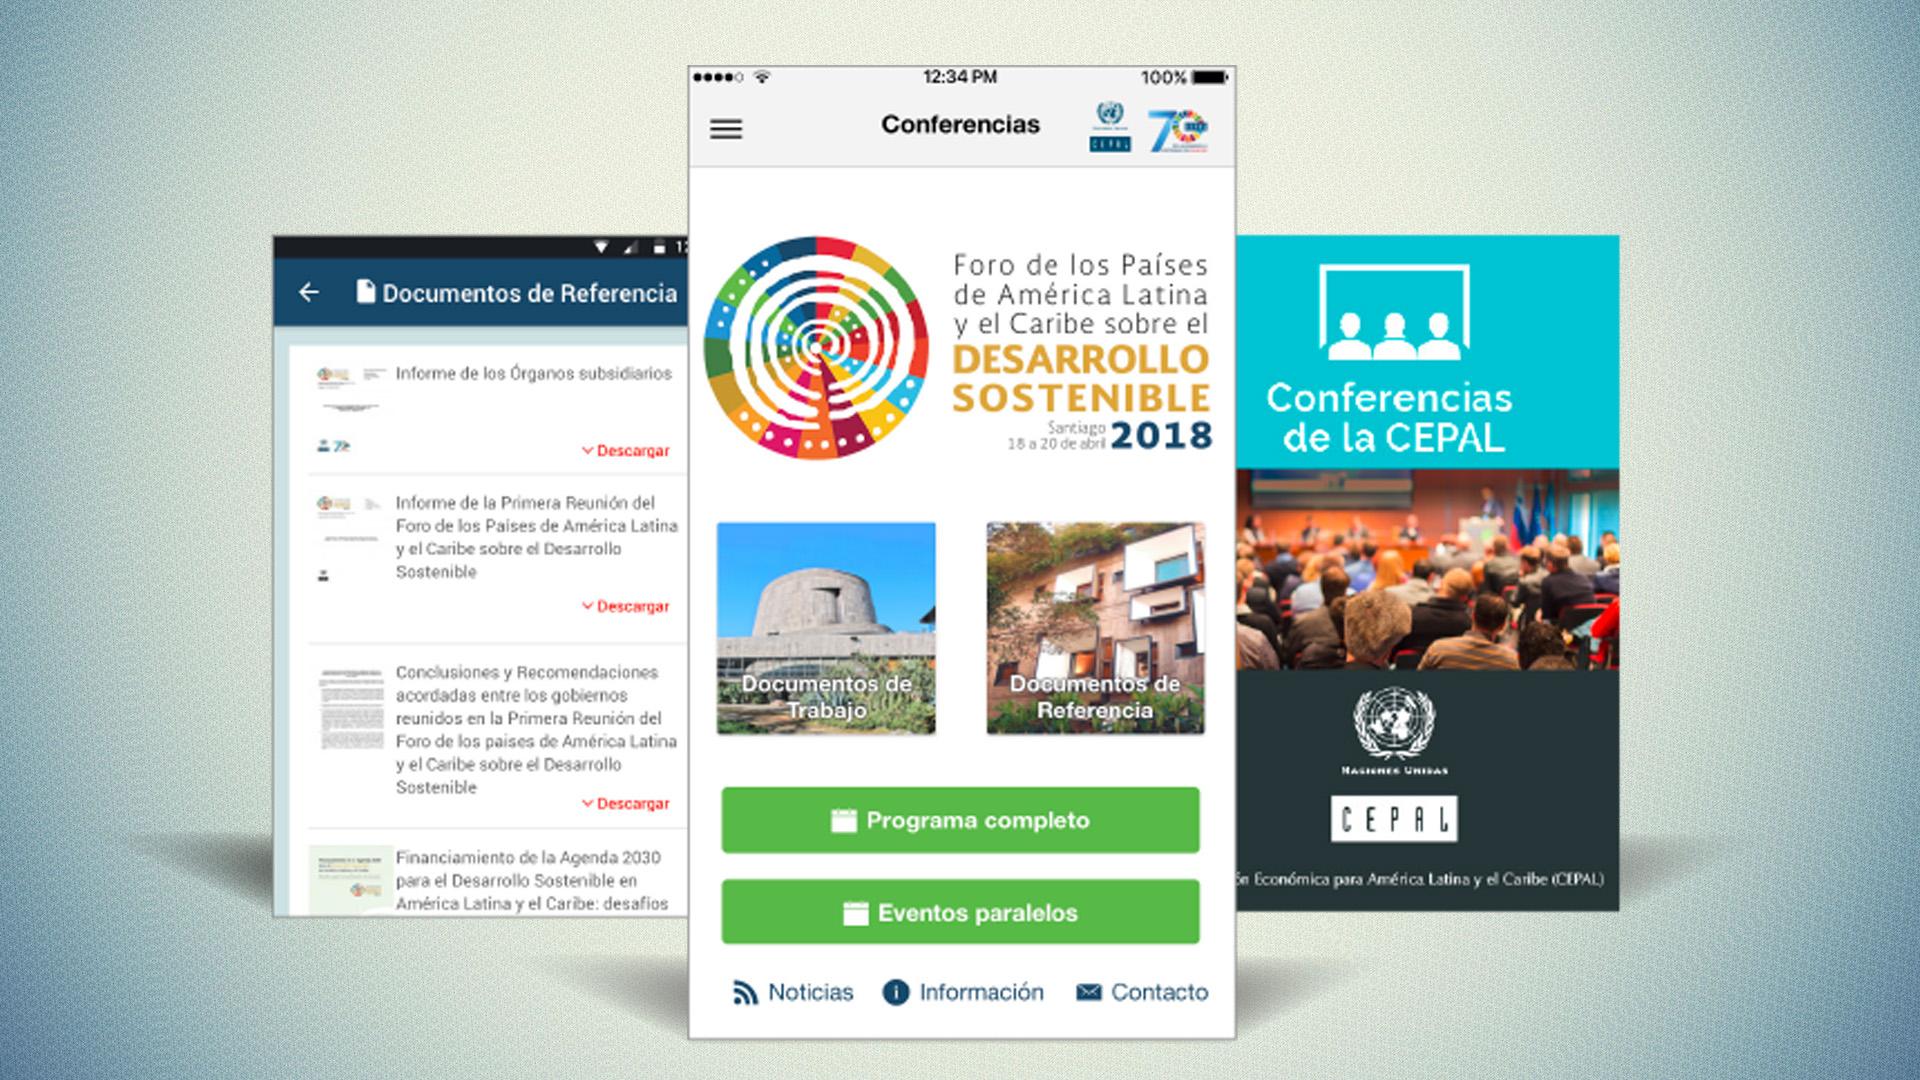 Imagen app Foro de Desarrollo Sostenible 2018